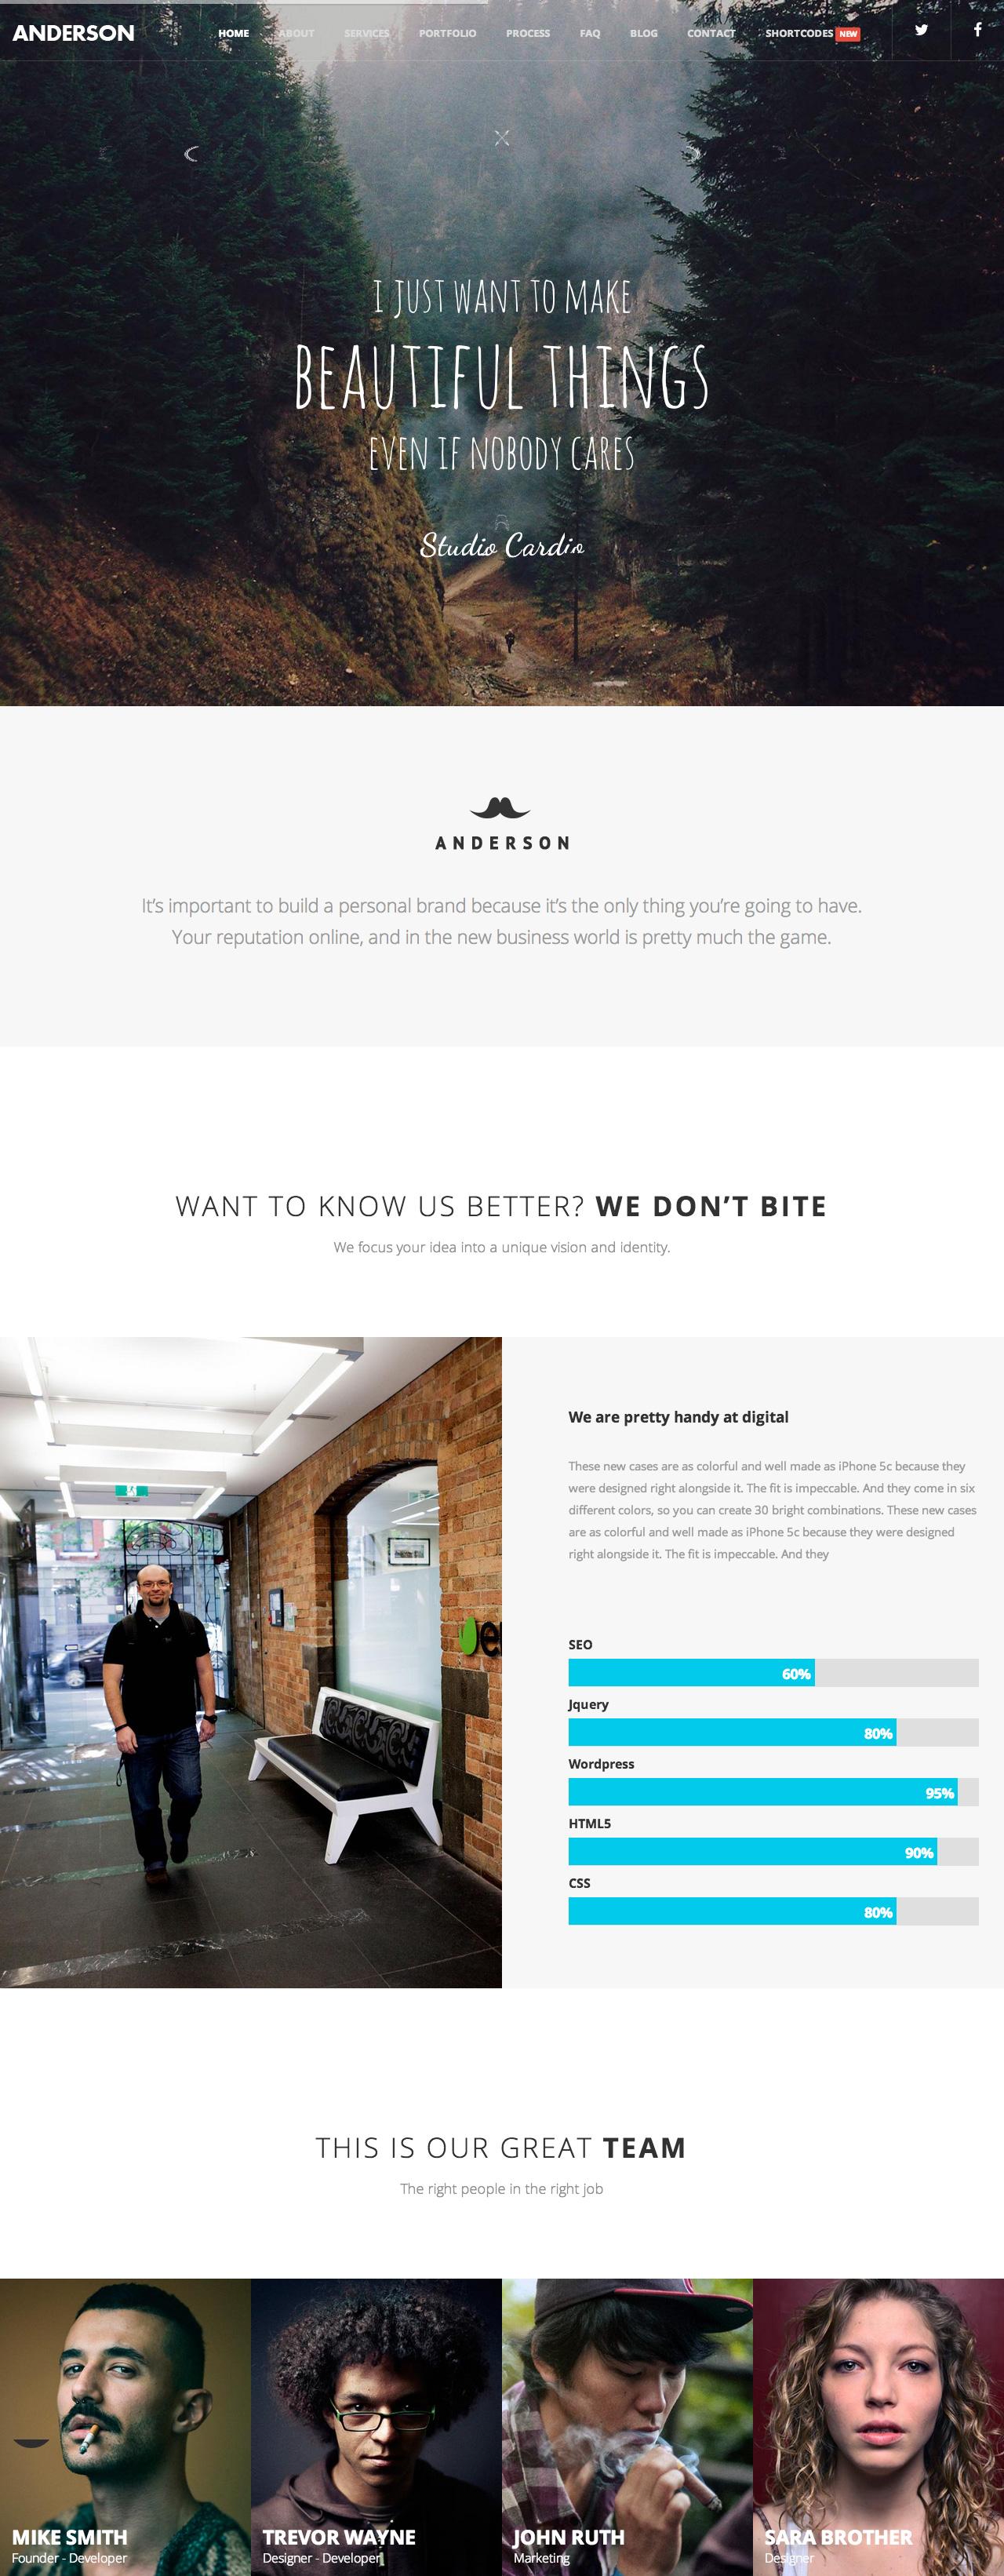 Anderson Website Screenshot